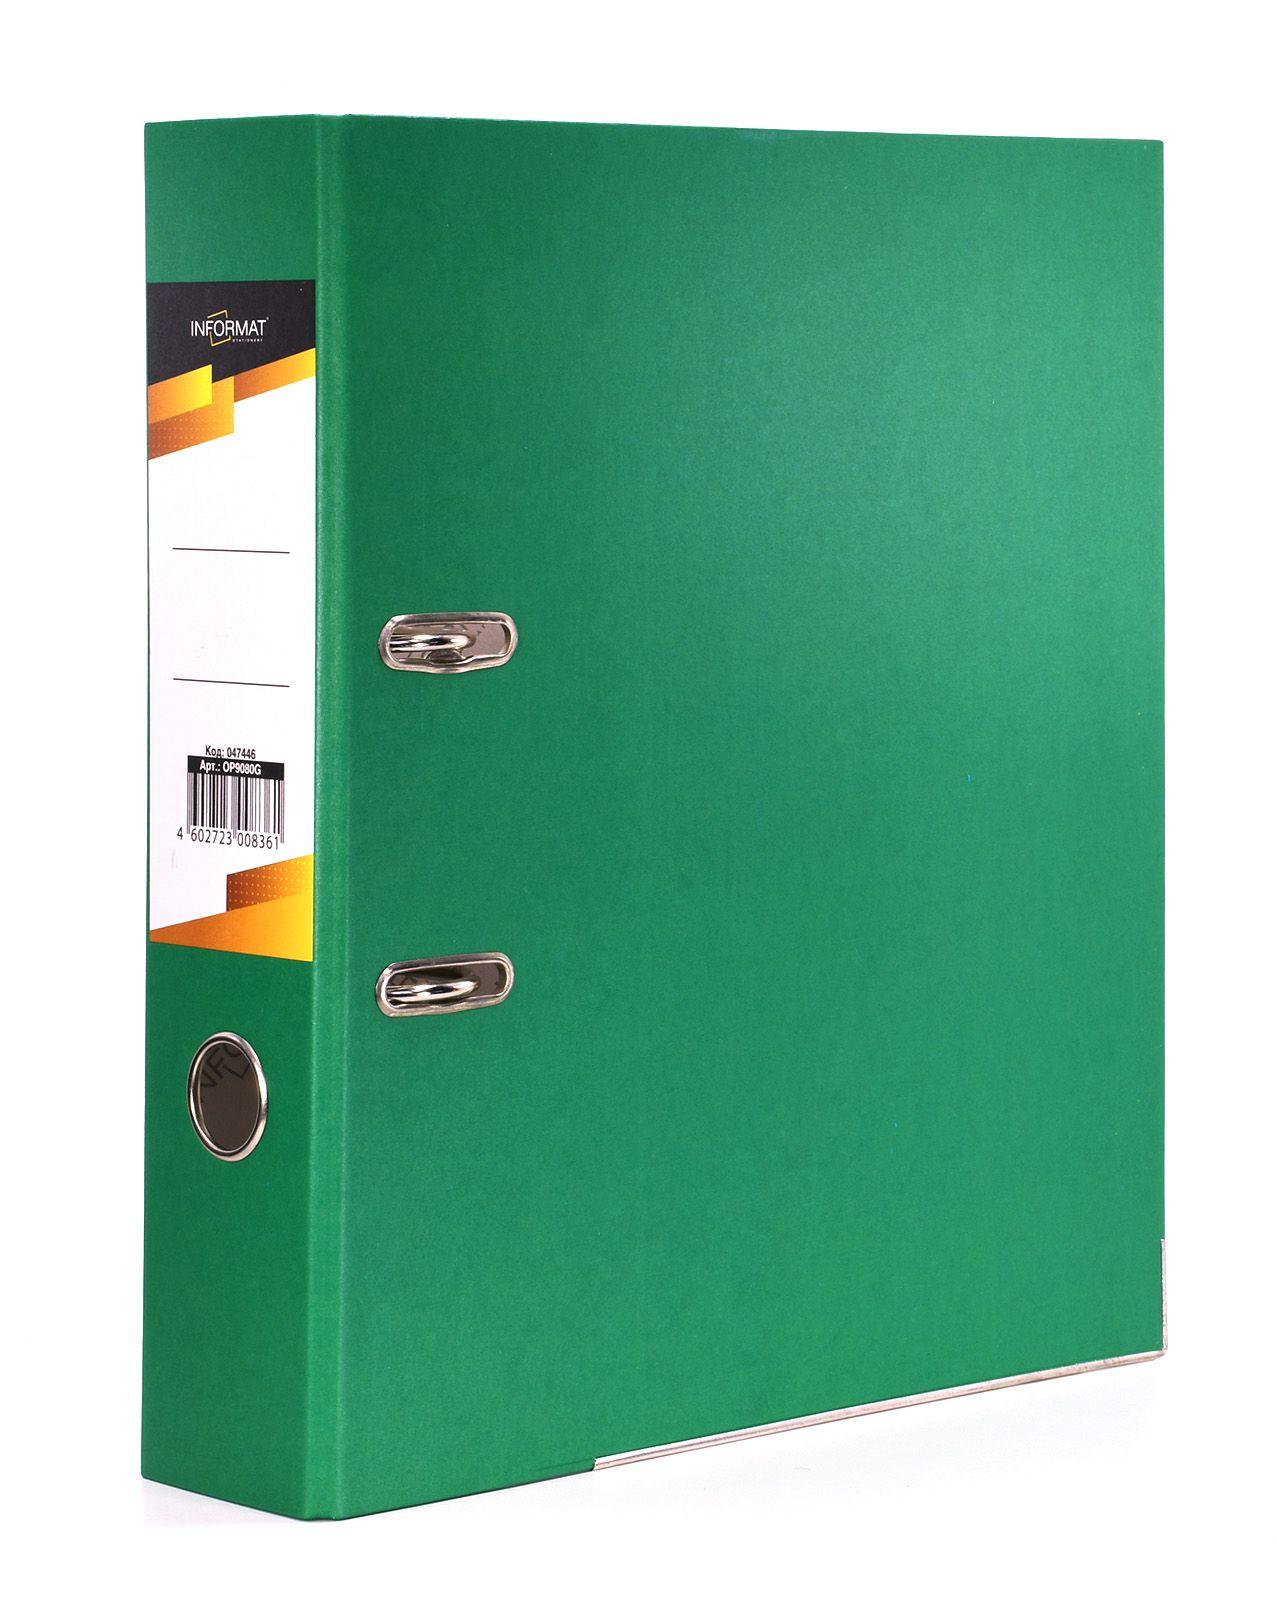 Папка-регистратор INFORMAT 75 мм бумага, зеленая